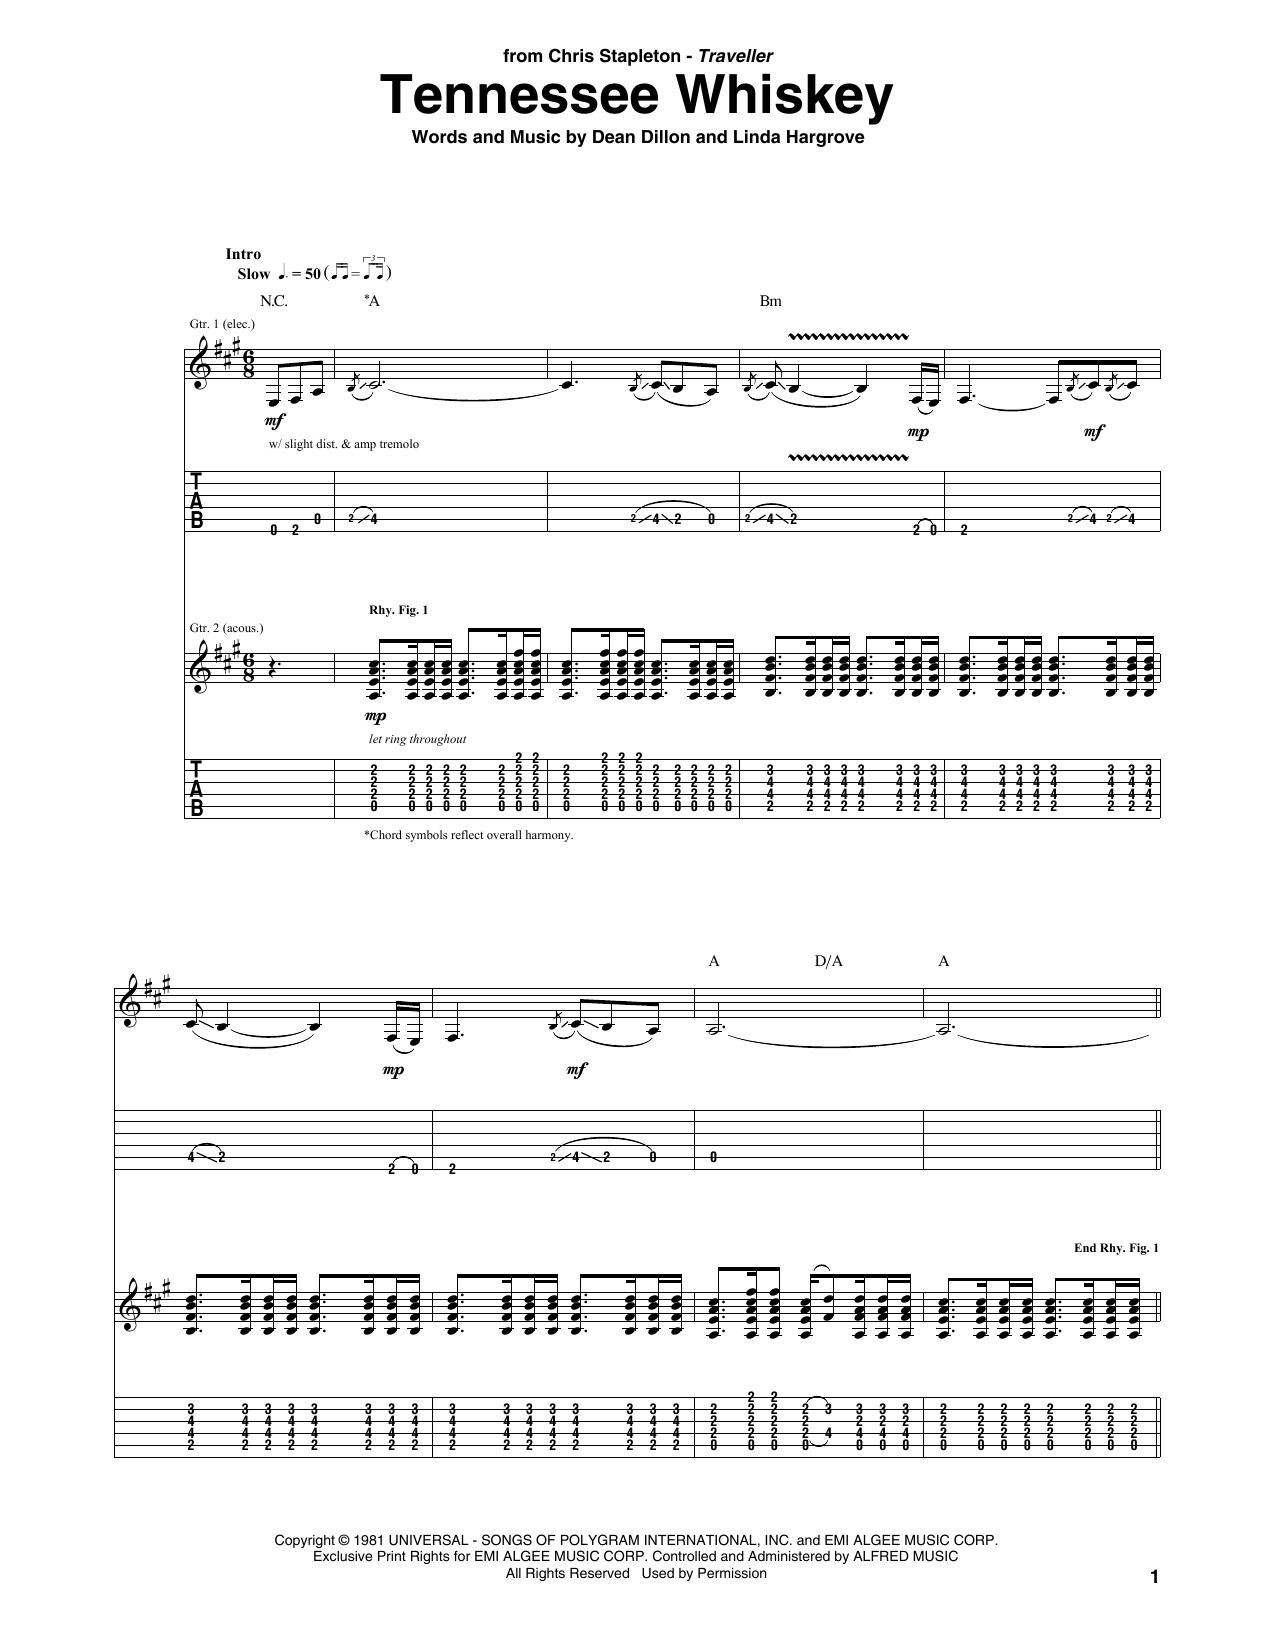 Sheet Music Digital Files To Print Licensed George Jones Digital